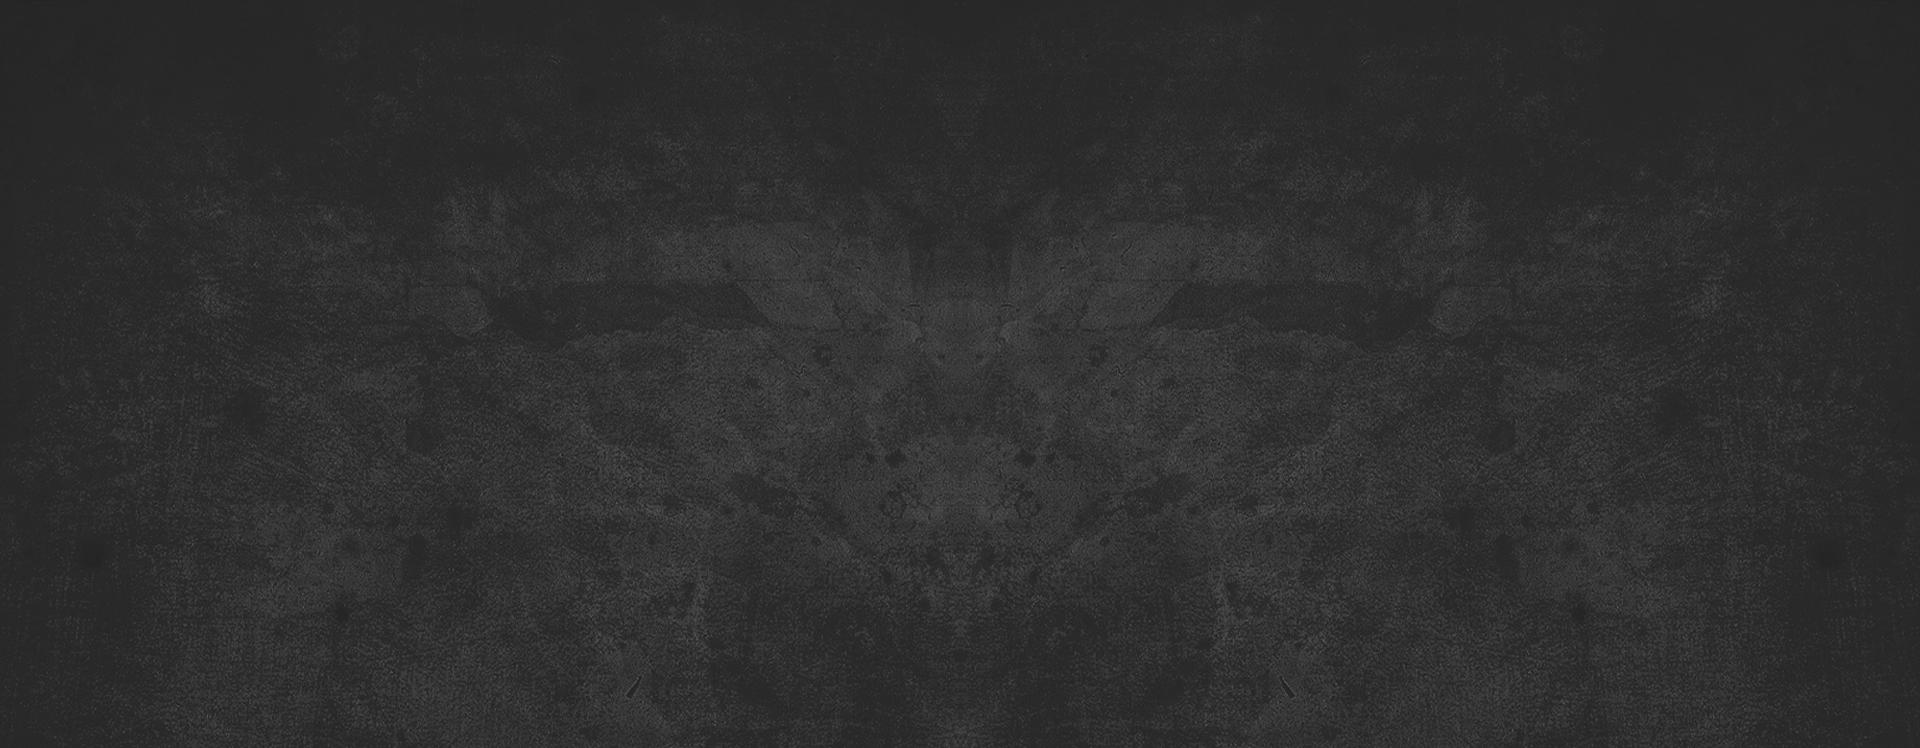 homelightslider4-Bg-03